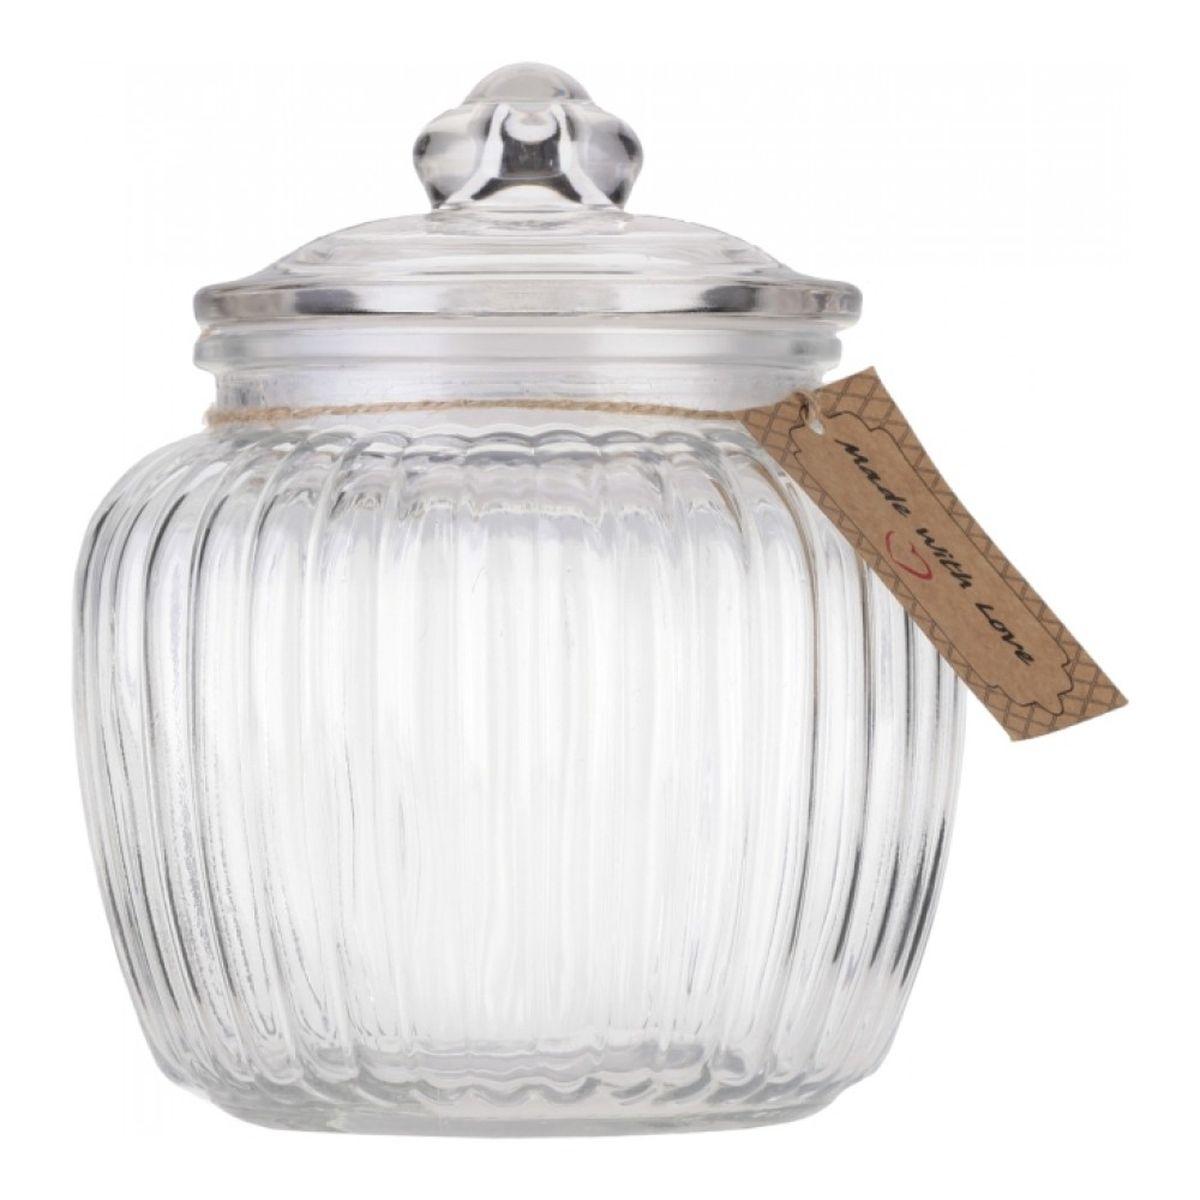 Банка для хранения Walmer Wave, 1,3 лW05120130Банка для хранения Walmer Wave изготовлена из прочного граненого стекла. Изделие снабжено крышкой, которая плотно закрывается благодаря силиконовой прослойке. Изделие имеет прозрачные стенки, поэтому всегда видно, что именно находится внутри. Банка удобна для хранения круп, сахара, специй, кофе или чая. Она стильно дополнит интерьер и поможет эффективно организовать пространство на кухне. Диаметр (по верхнему краю): 10,5 см. Высота (без учета крышки): 13 см. Высота (с учетом крышки): 18 см.